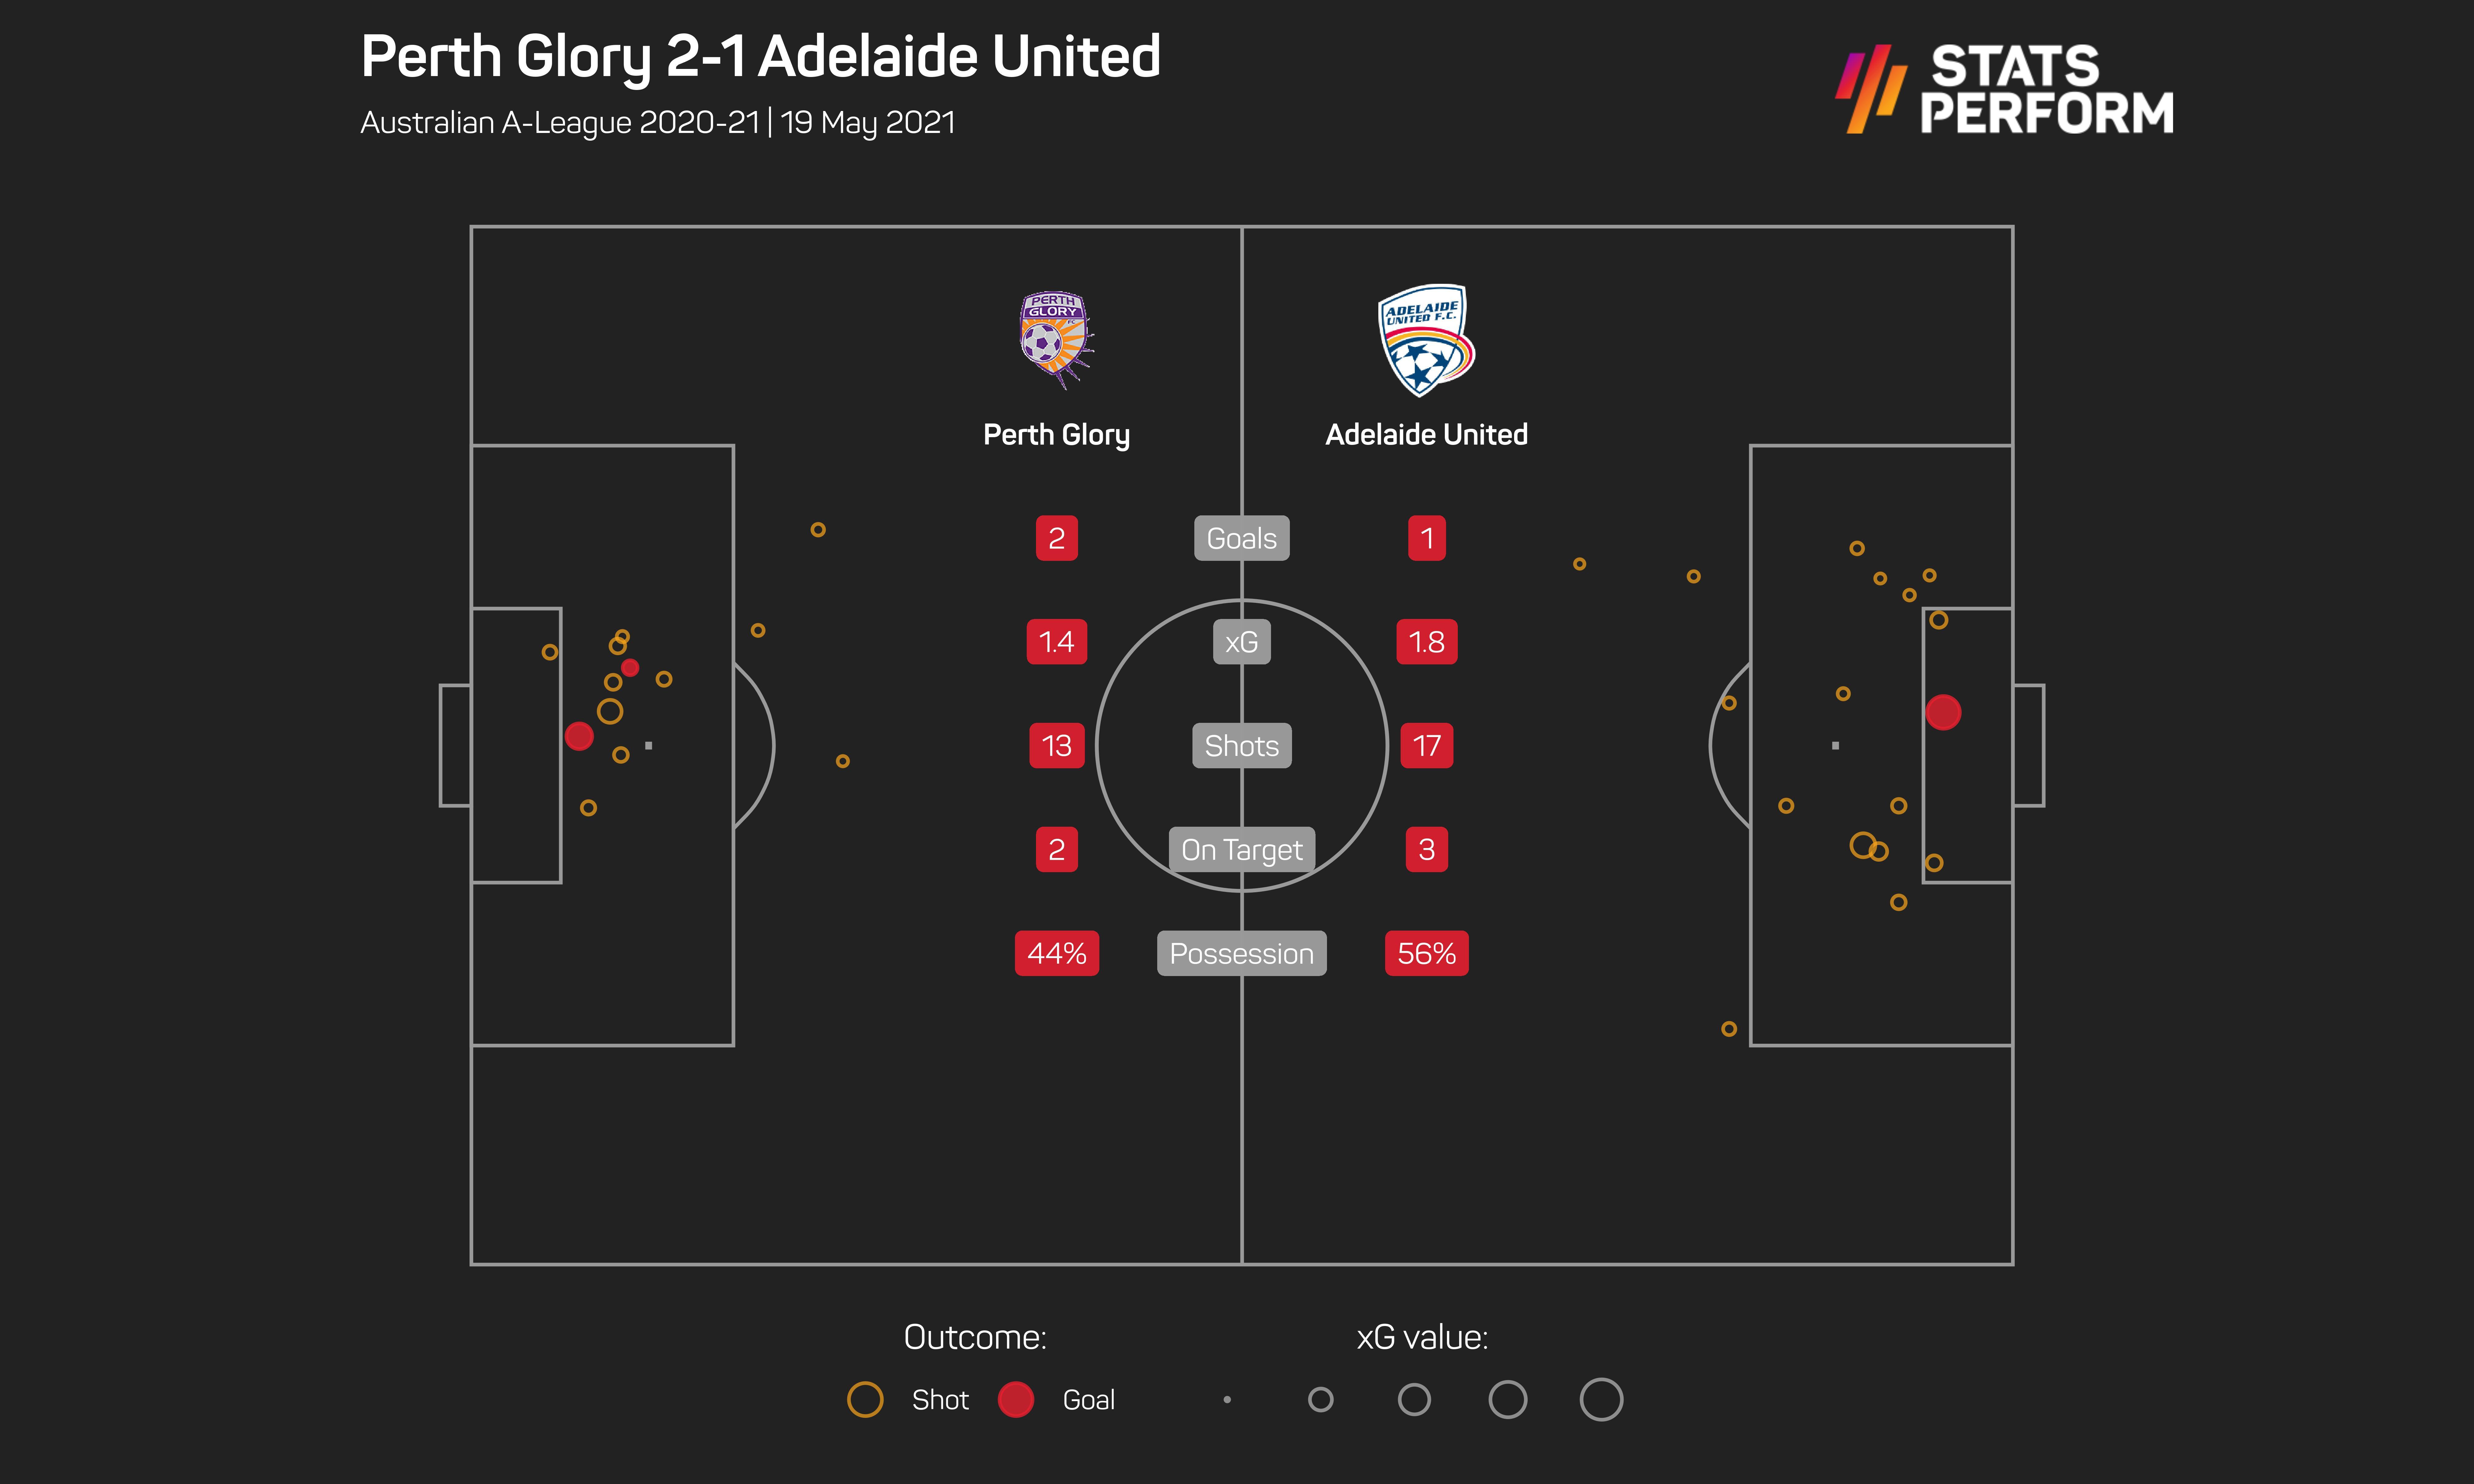 Perth Glory 2-1 Adelaide United